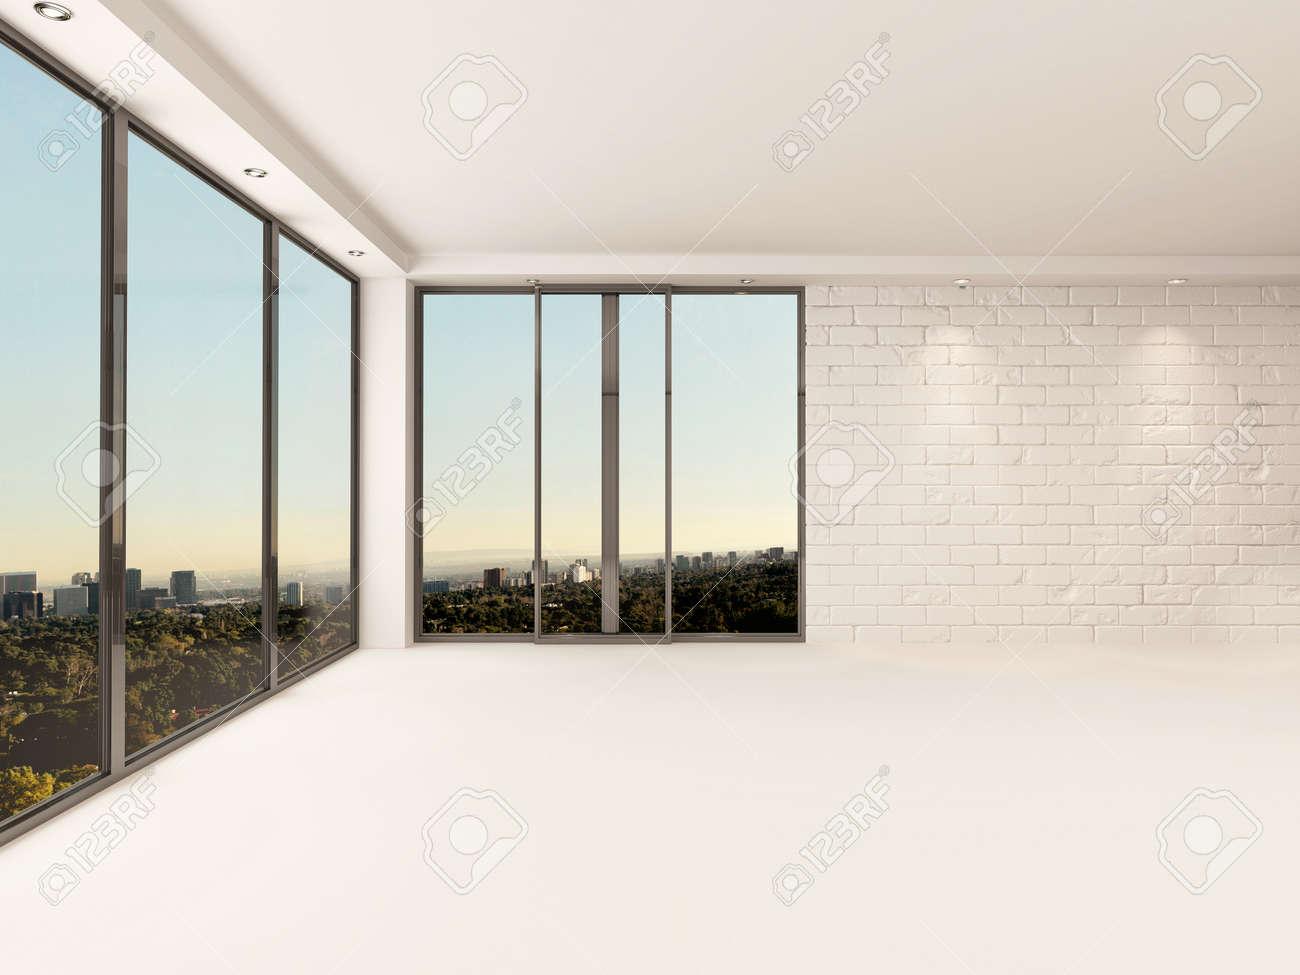 Lichte luchtige lege appartement woonkamer interieur met ...